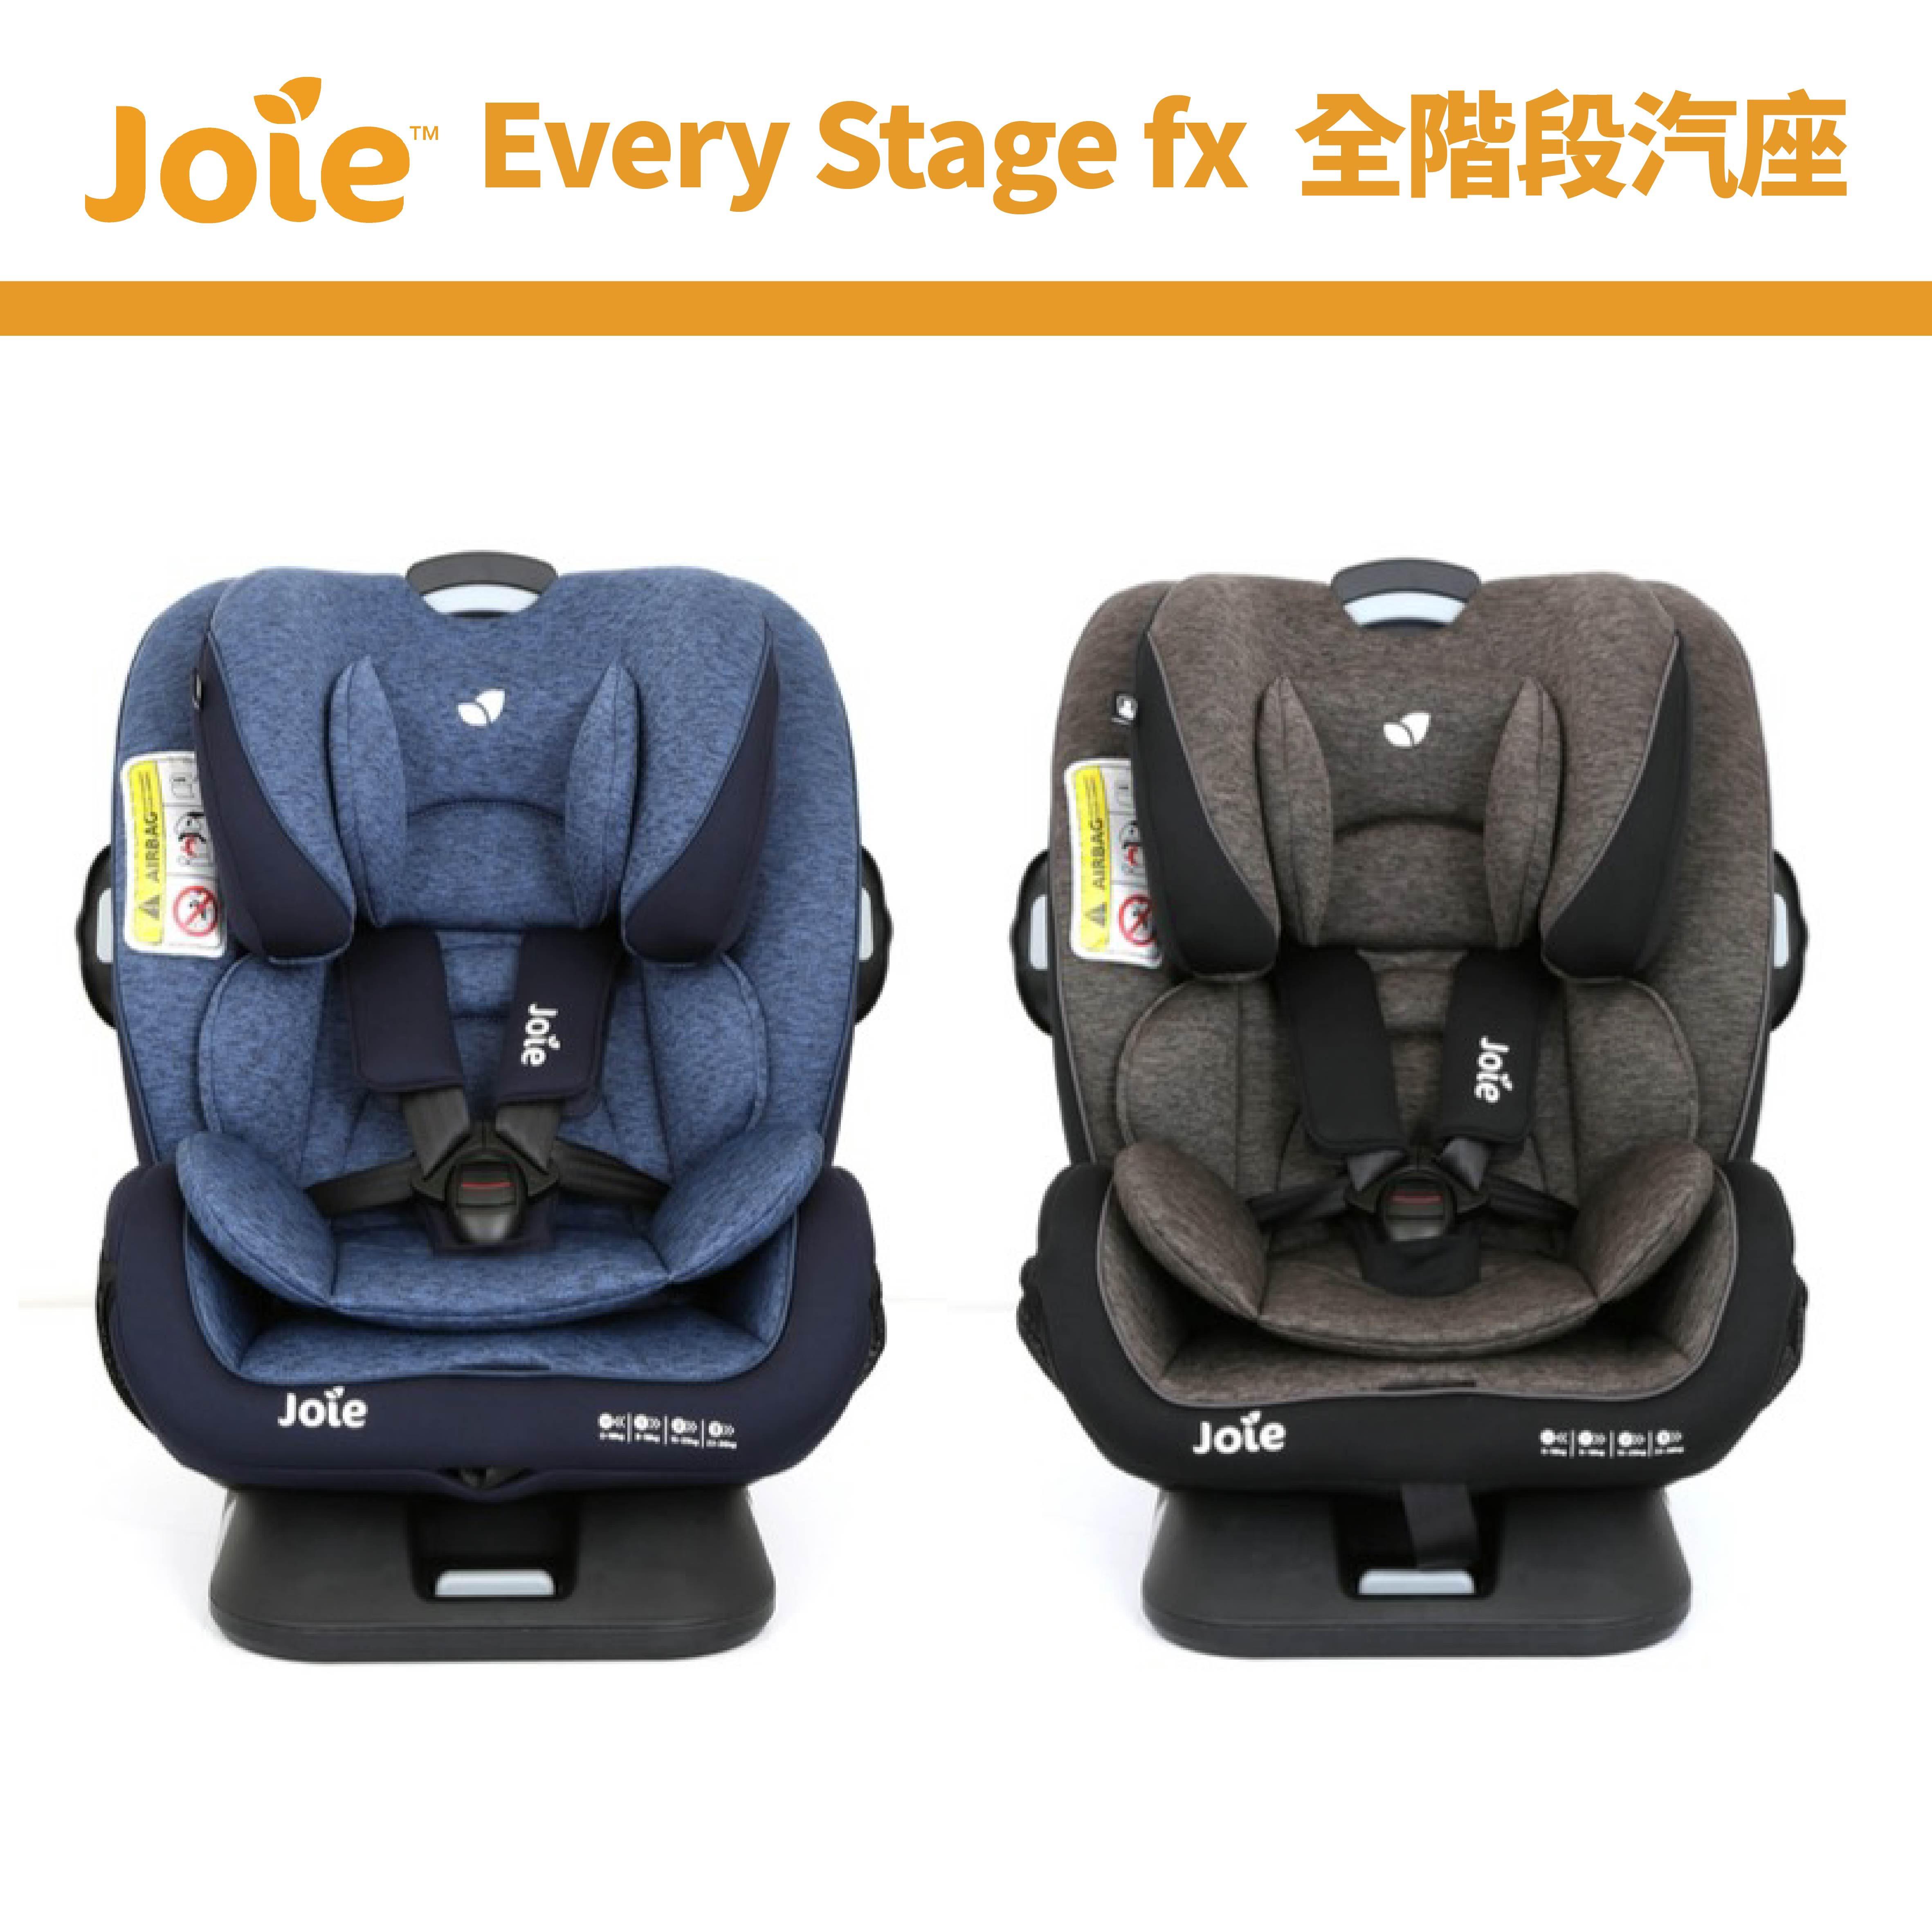 【大成婦嬰】奇哥 Joie Every Stage fx 全階段汽座 0-12歲